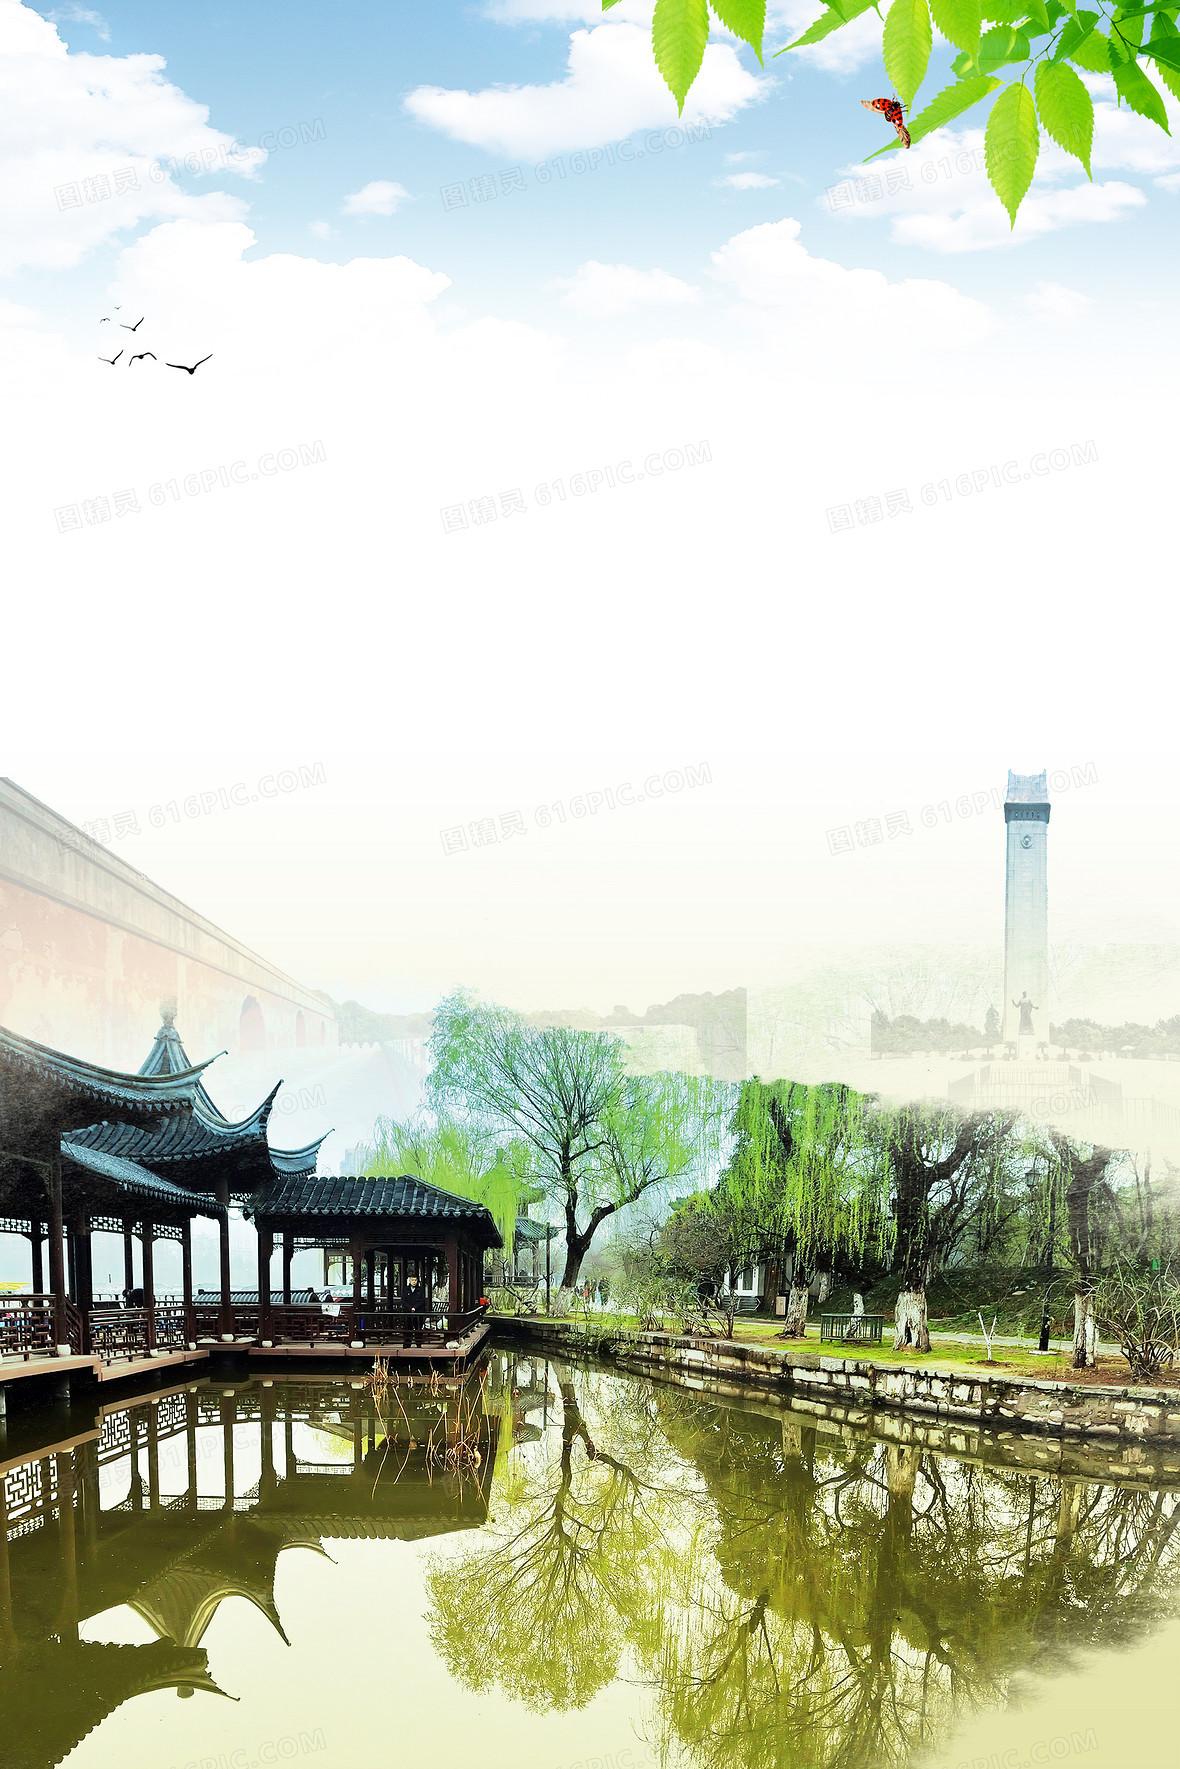 鄭州城市旅游印象海報背景